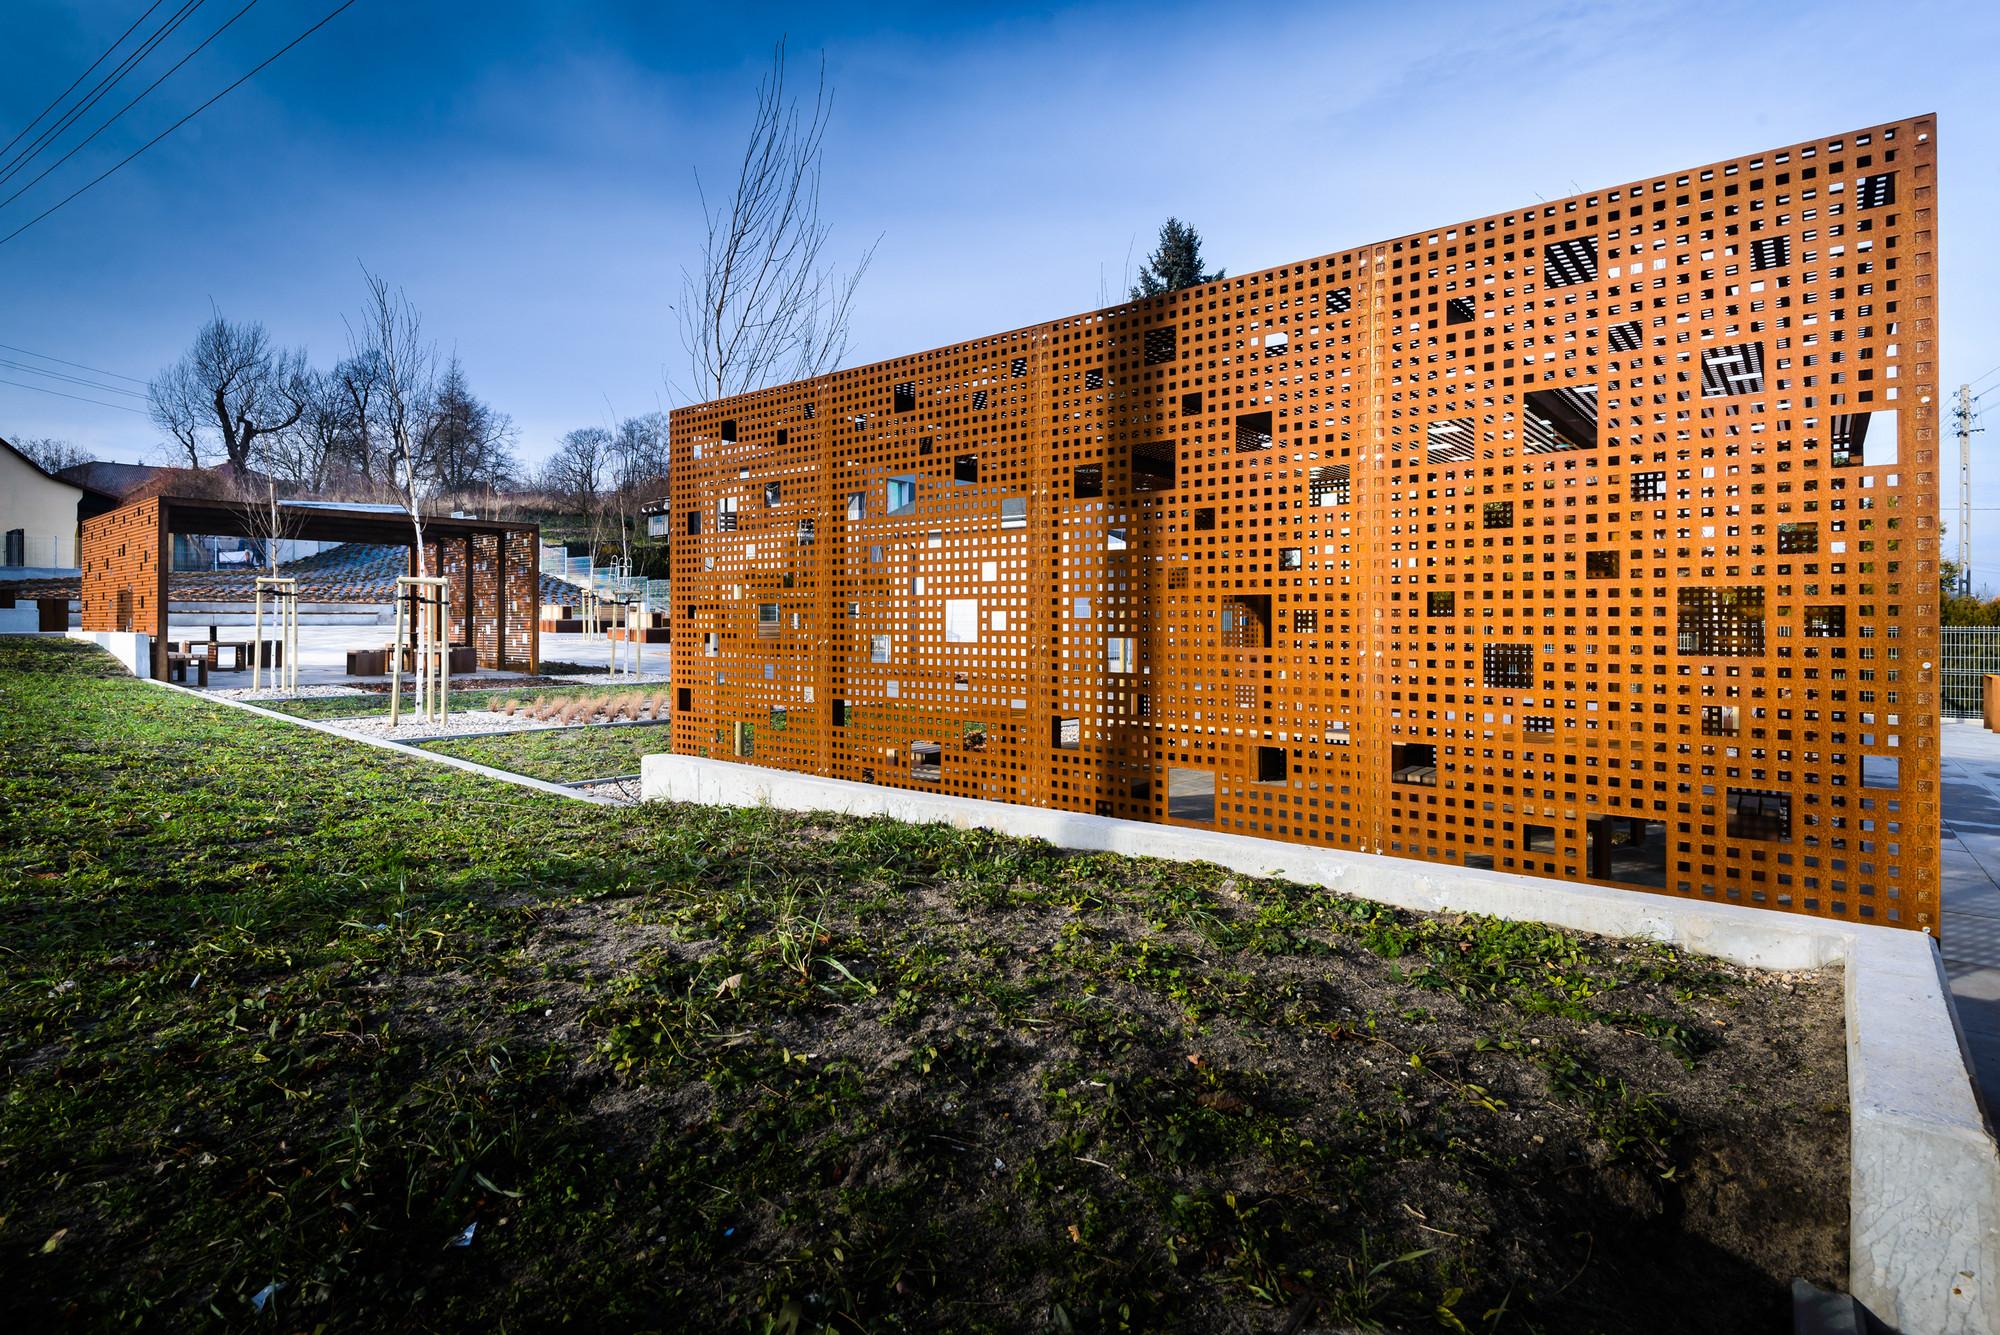 Public Space in Gora Pulawska / 3XA, © s.zajaczkowski